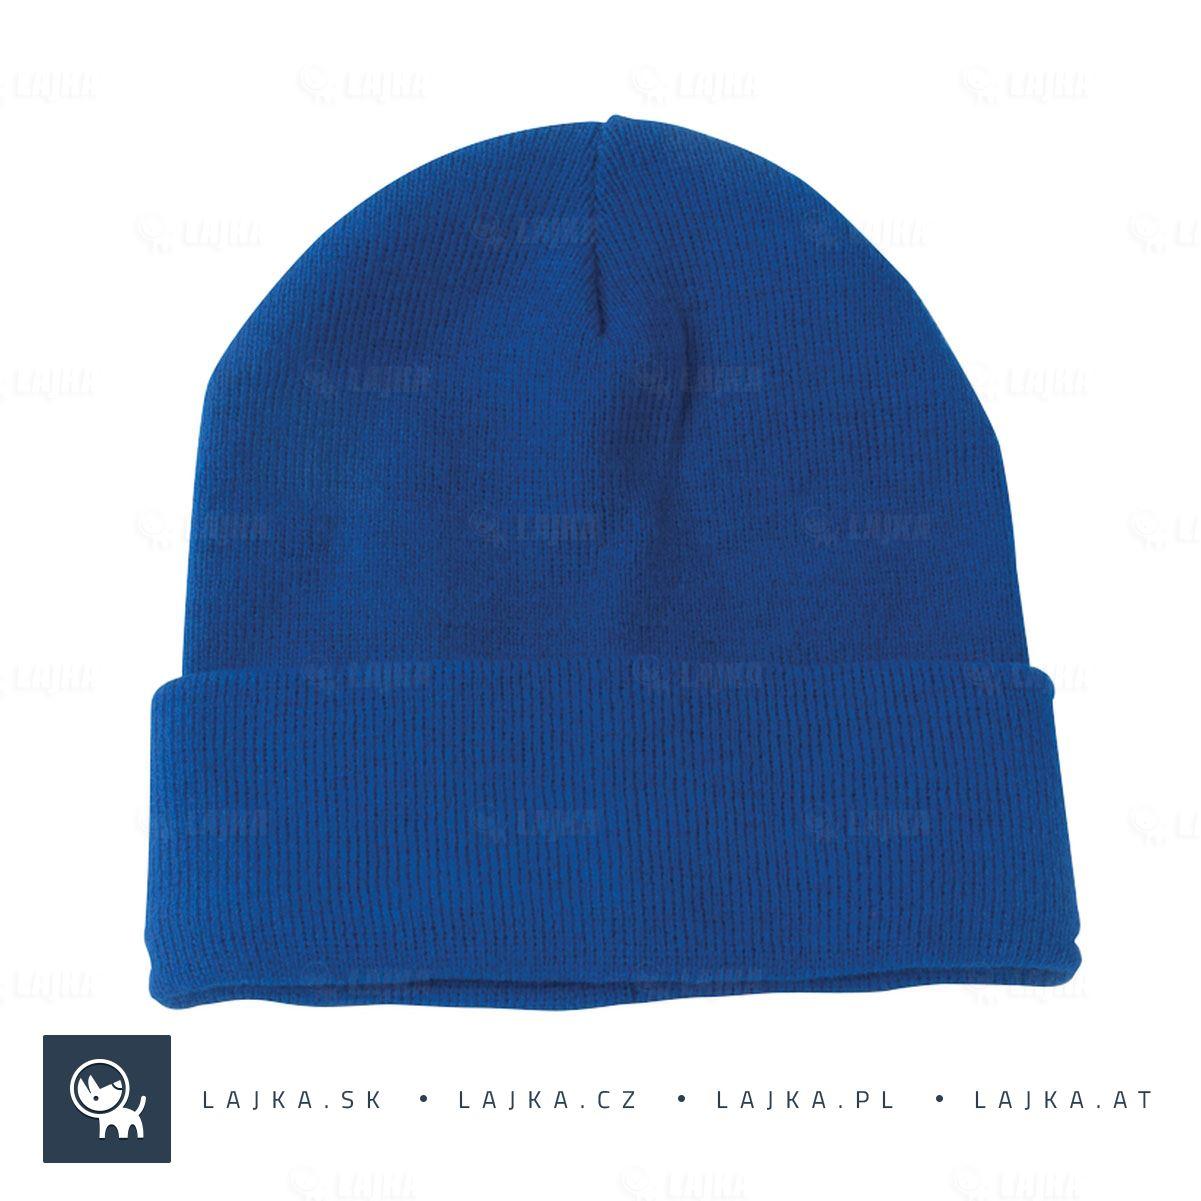 fc68ba7c1 Zimná čapica Lana, modrá | Reklamné Predmety